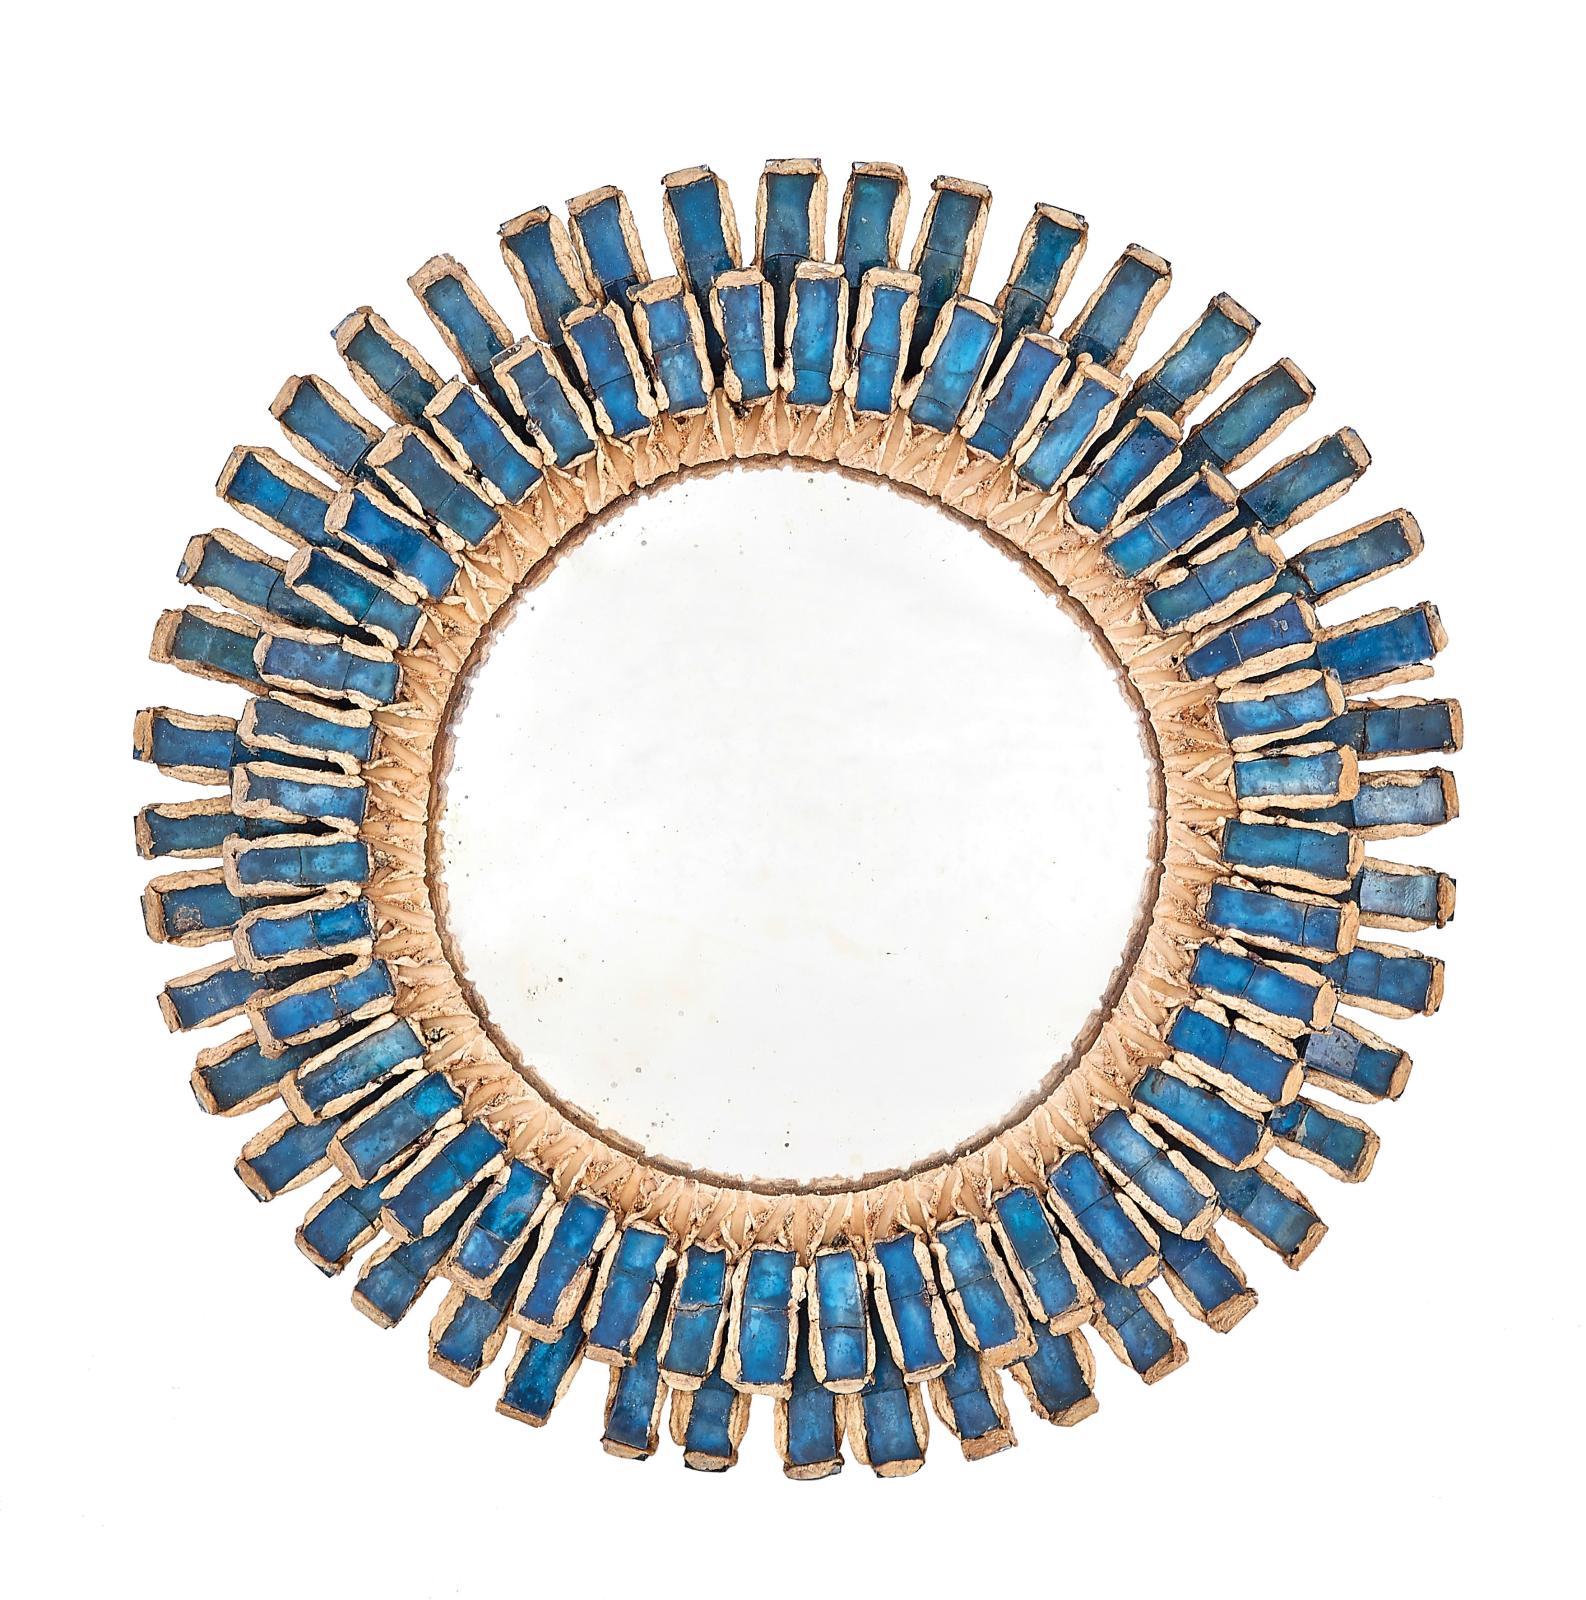 Line Vautrin (1913-1997), miroir sorcière Romain, vers1960, en talosel ivoire incrusté de miroirs bleu saphir, signé, diam.19,6cm. Esti